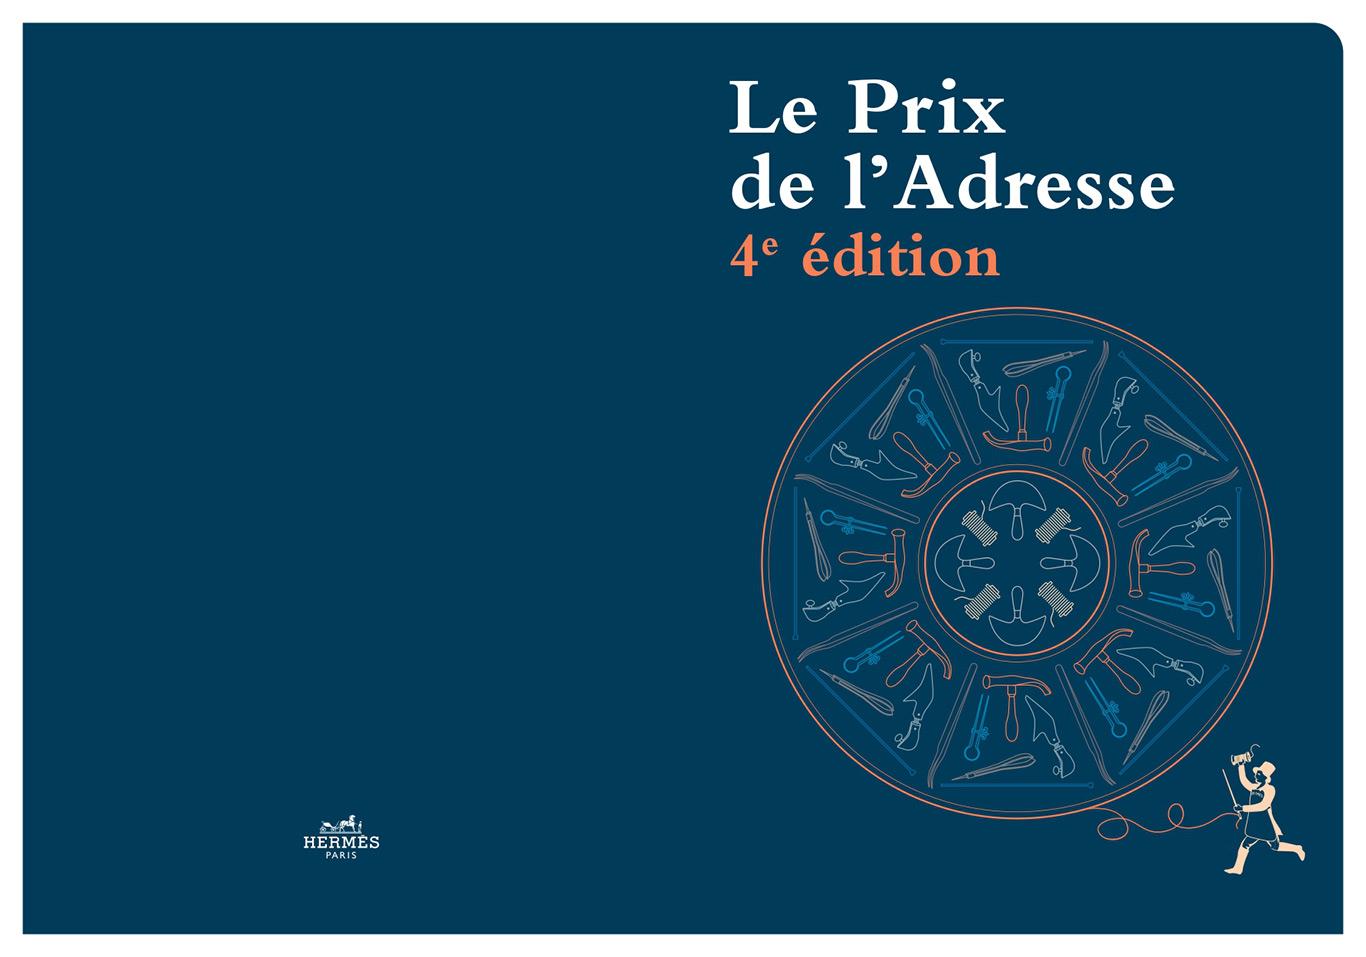 Couverture brochure Prix de l'Adresse 2018